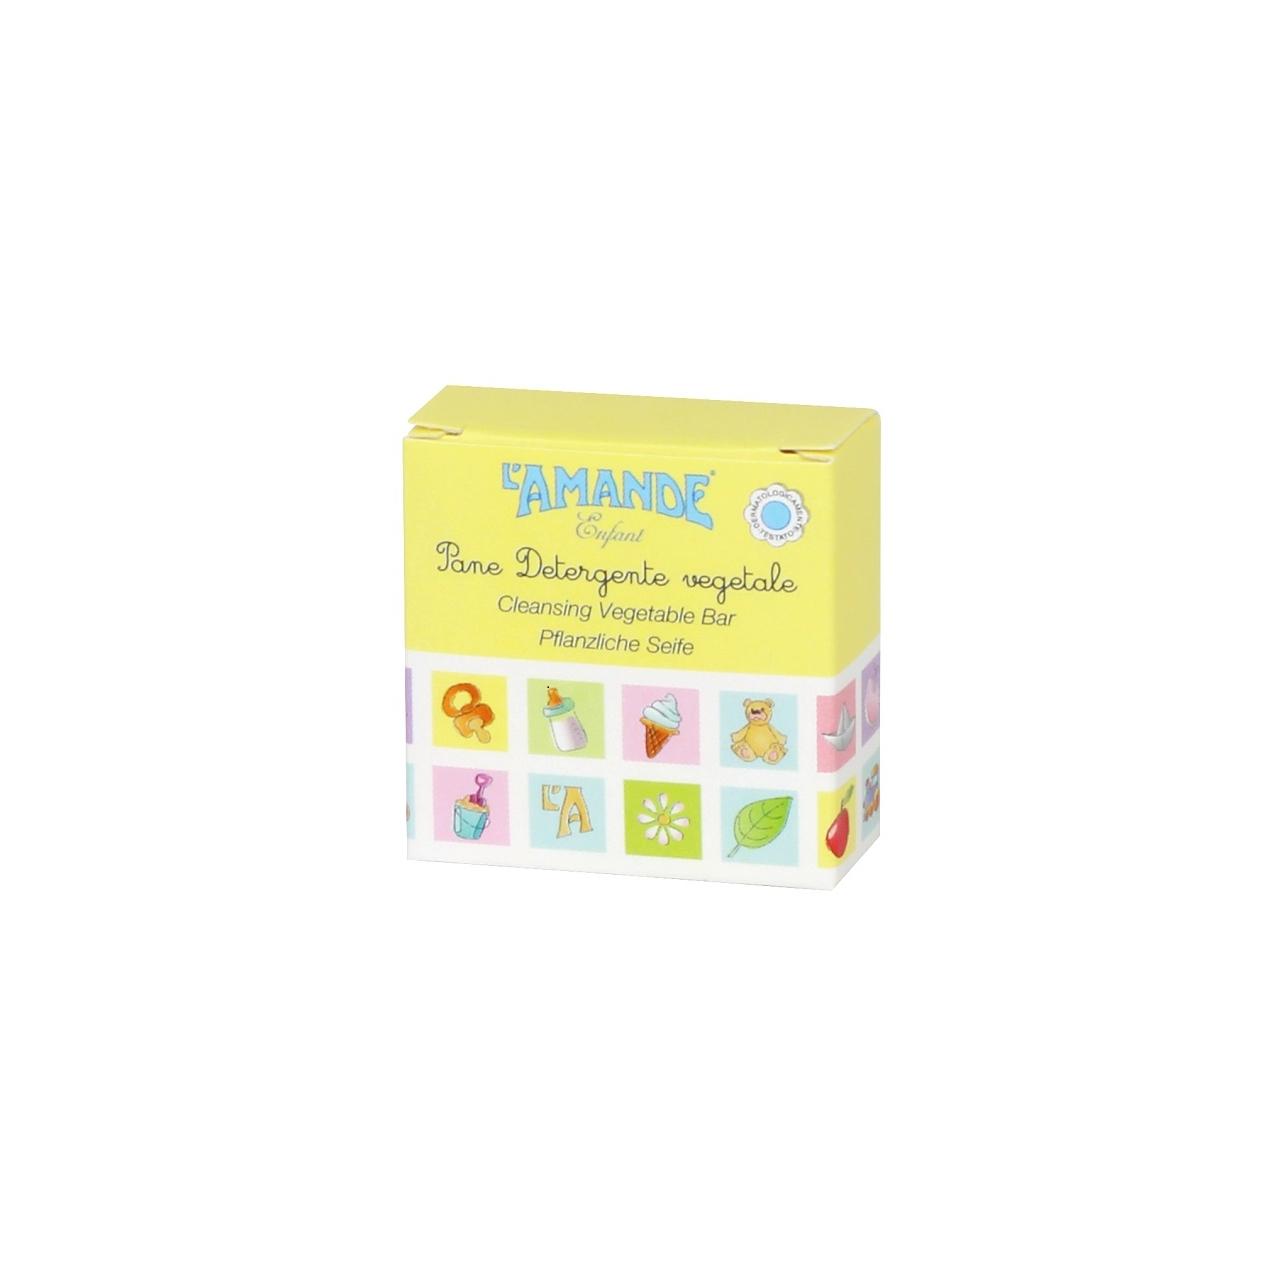 L'Amande Enfant Pflanzliche Seife für Kinder 20g in der Kartonage